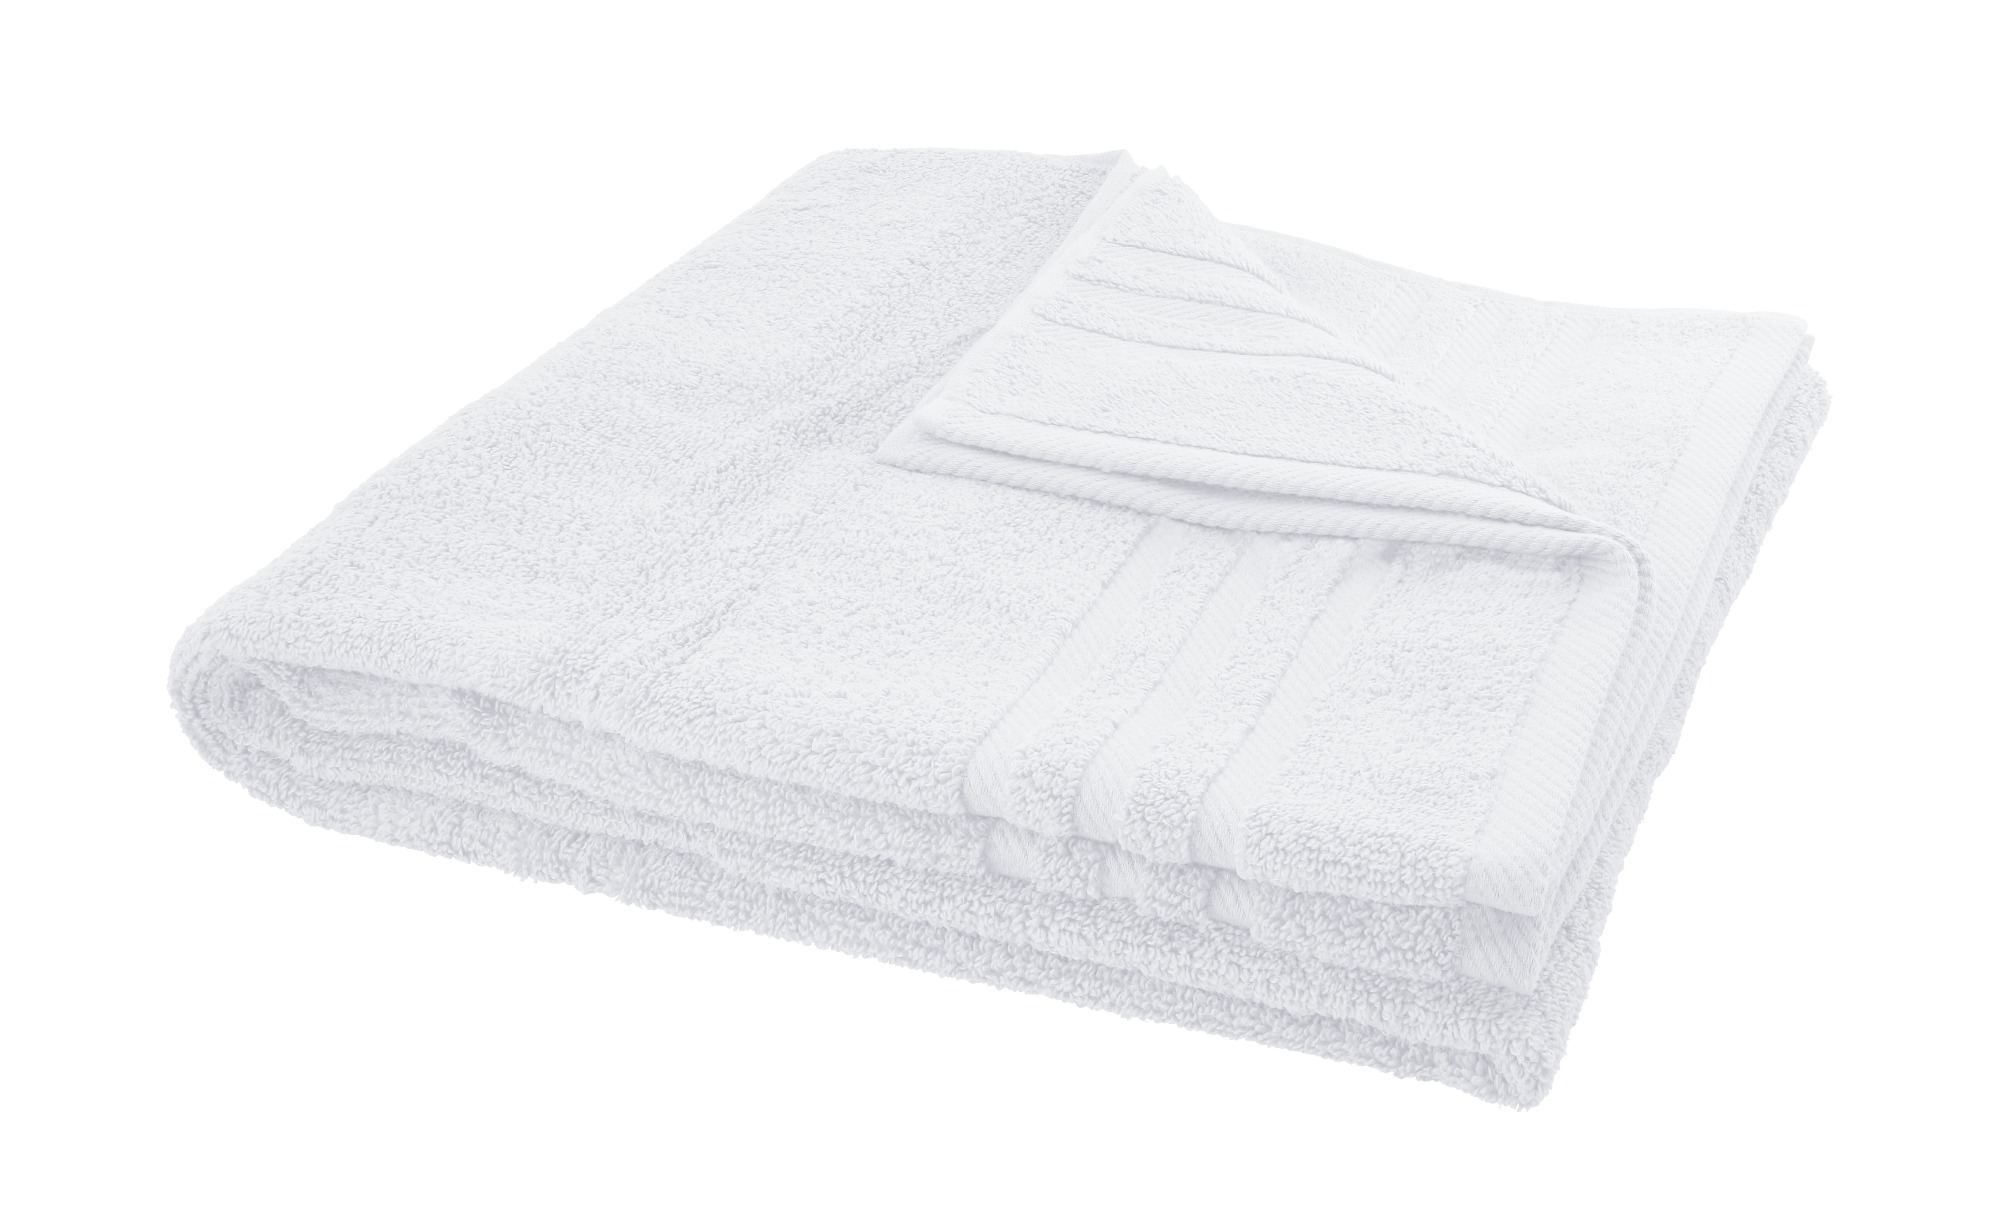 LAVIDA Duschtuch  Soft Cotton ¦ weiß ¦ reine Micro-Baumwolle ¦ Maße (cm): B: 70 Badtextilien und Zubehör > Handtücher & Badetücher > Duschtücher - Höffner